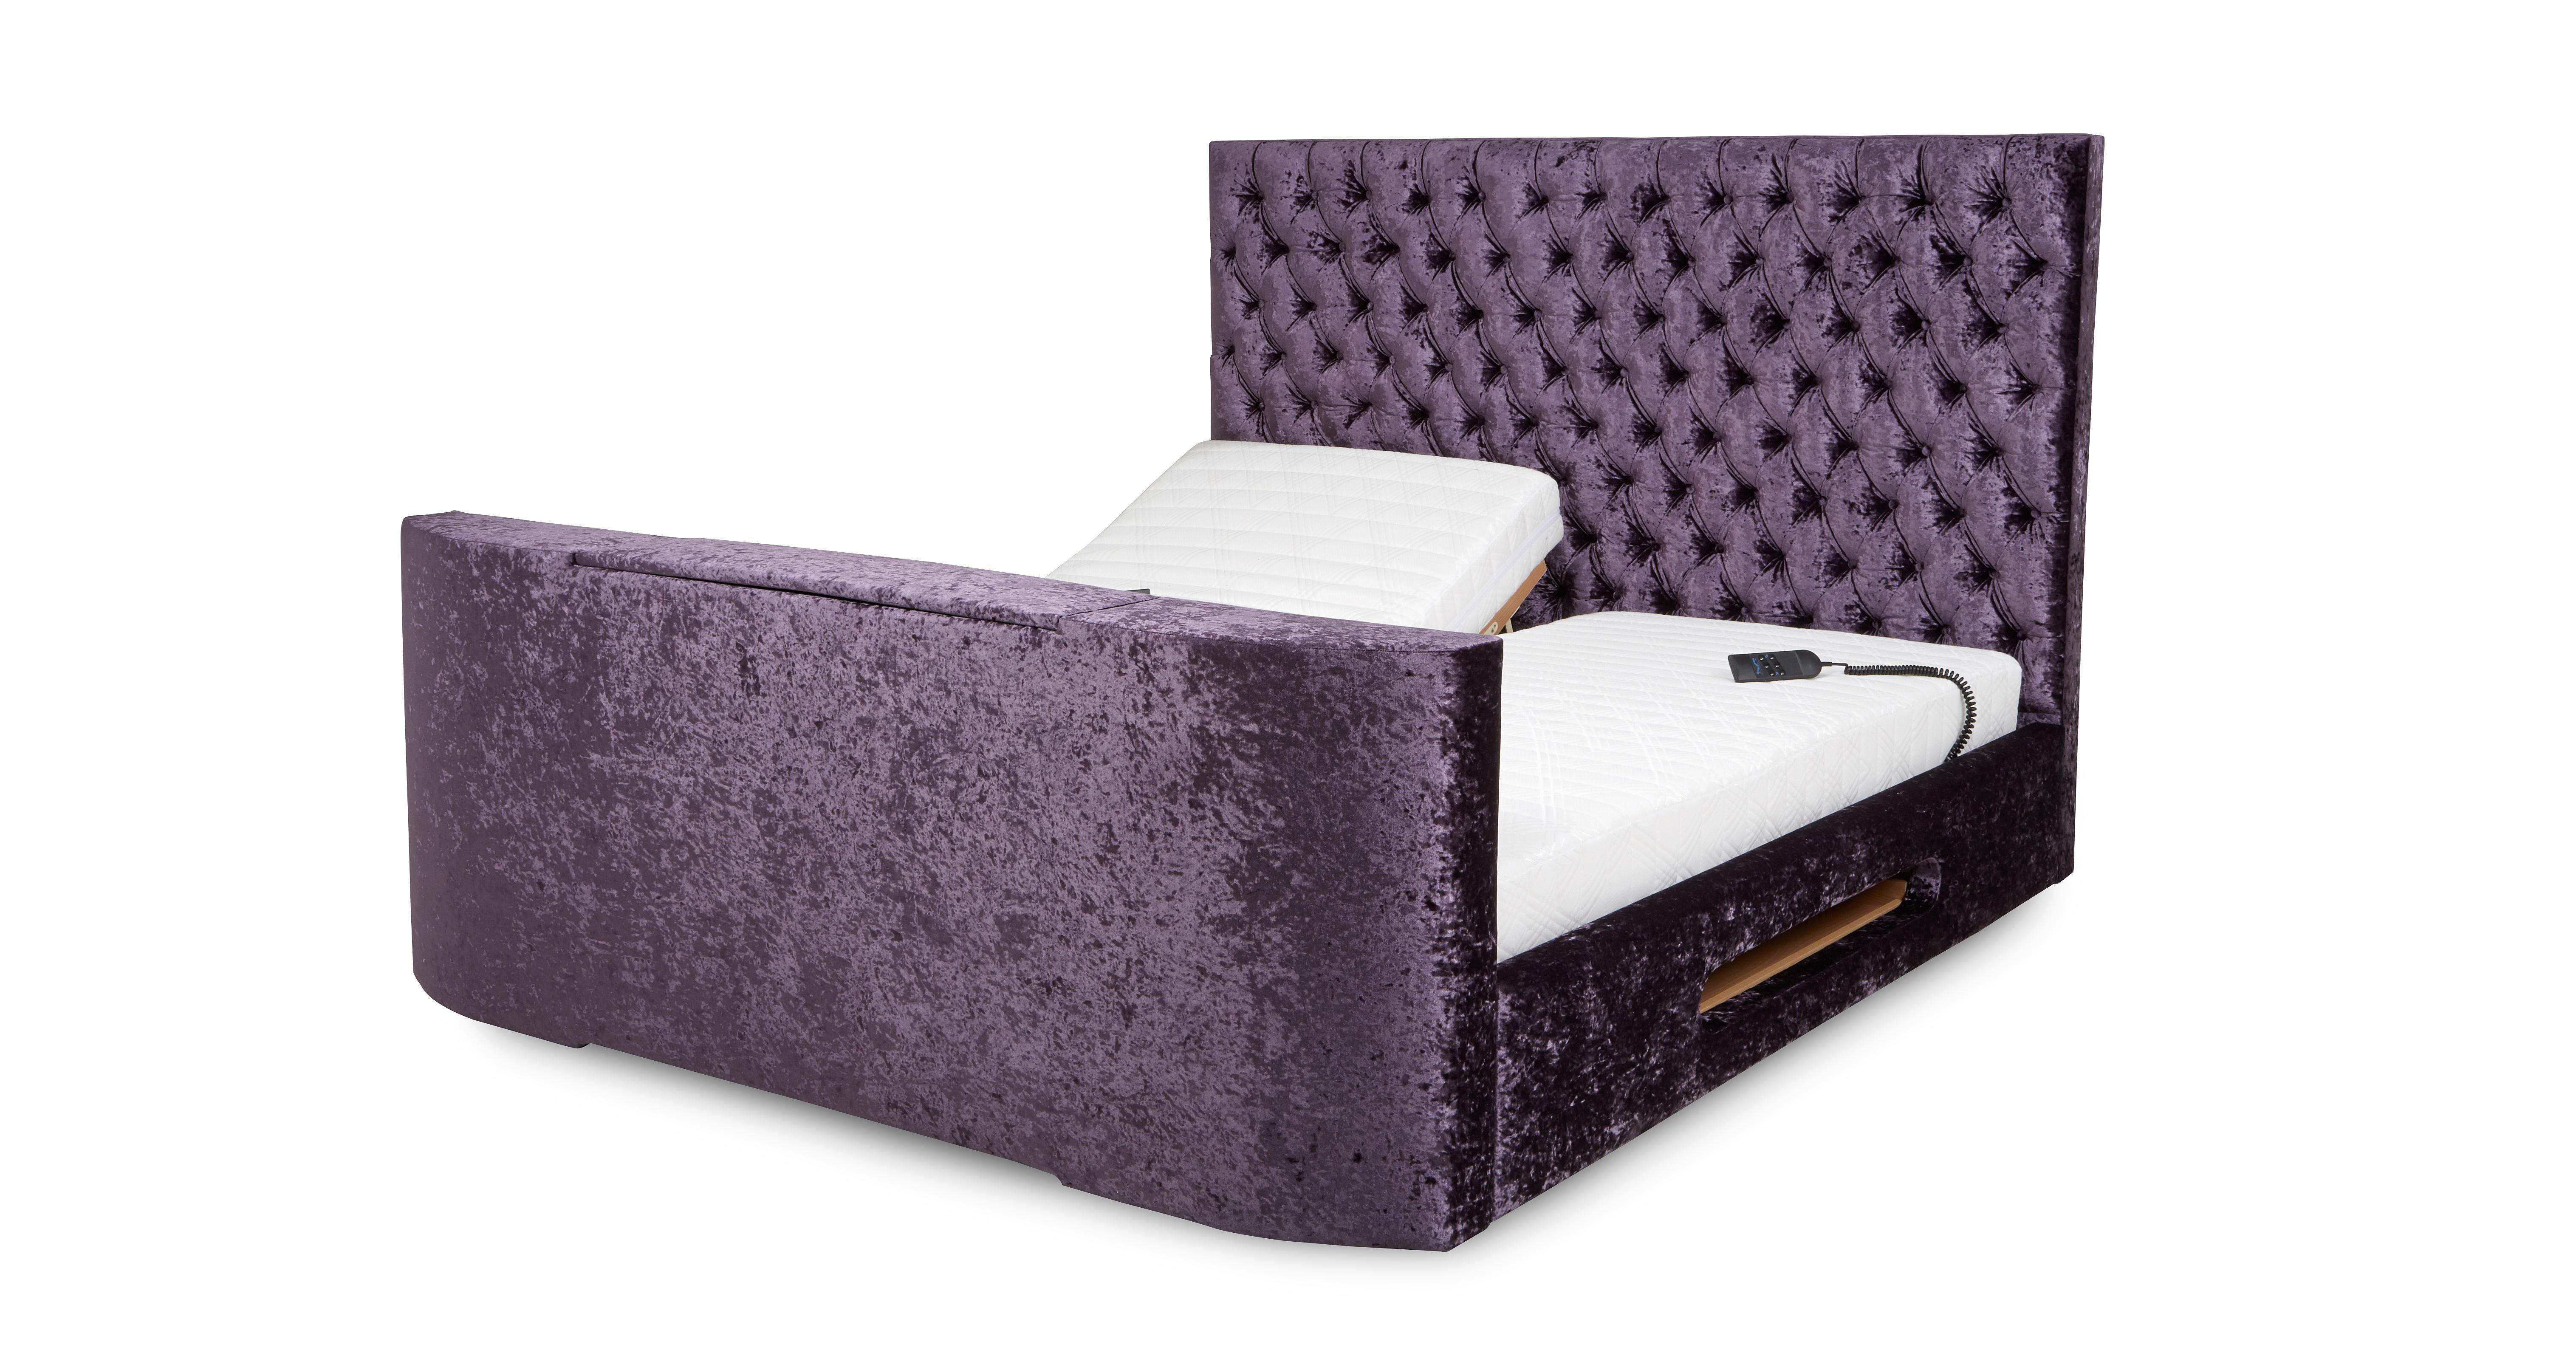 Super king size bed with tv - Radiant Super King Size 6 Ft Adjustable Tv Bed Mattress Impulse Dfs